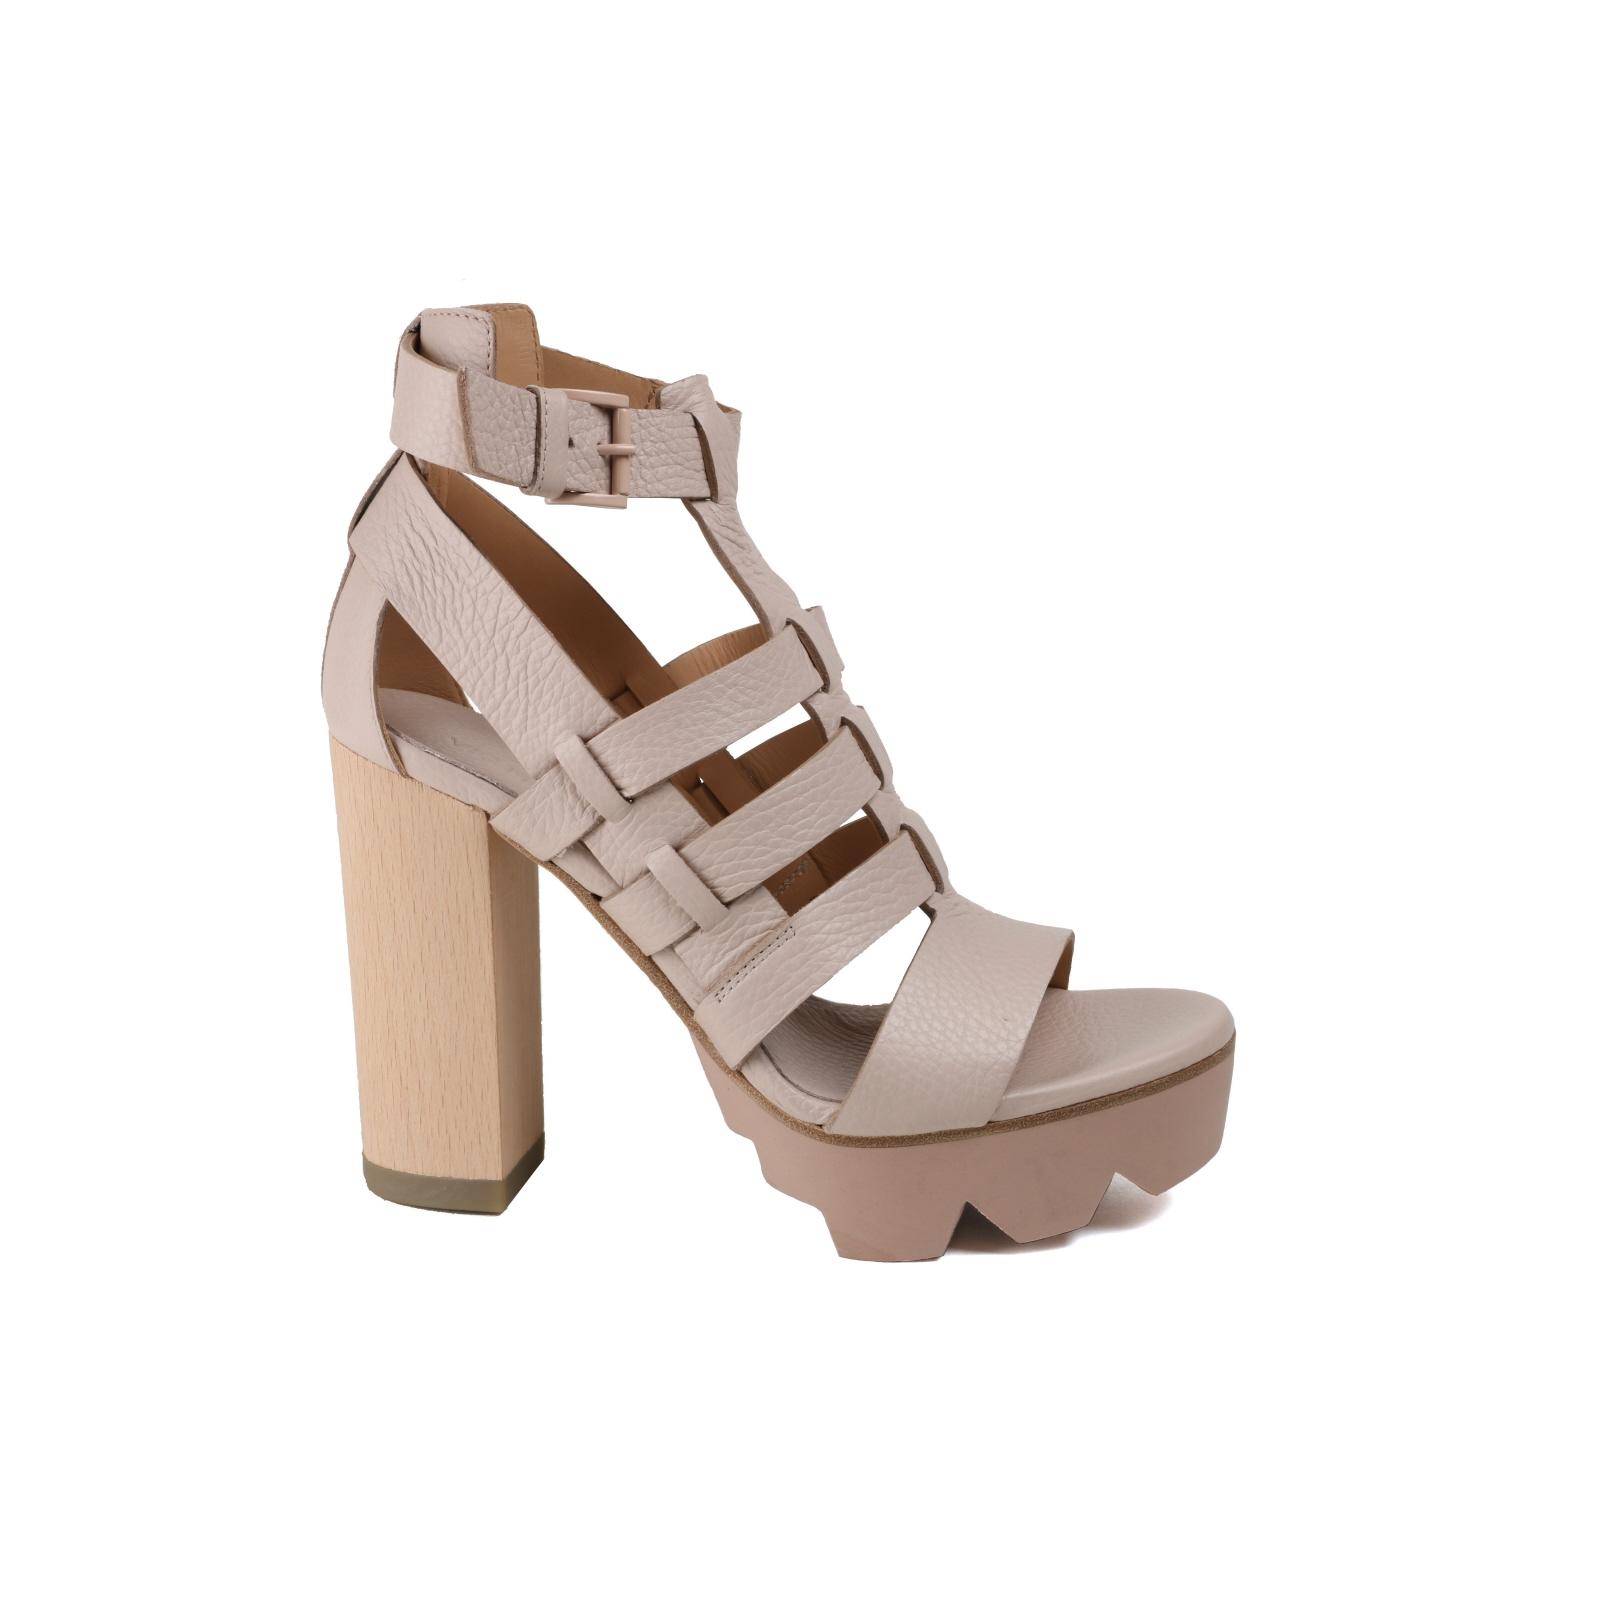 Descuento por tiempo limitado Damen Sandalette VIC MATIE Trend beige  Glattleder NEU Gr.39